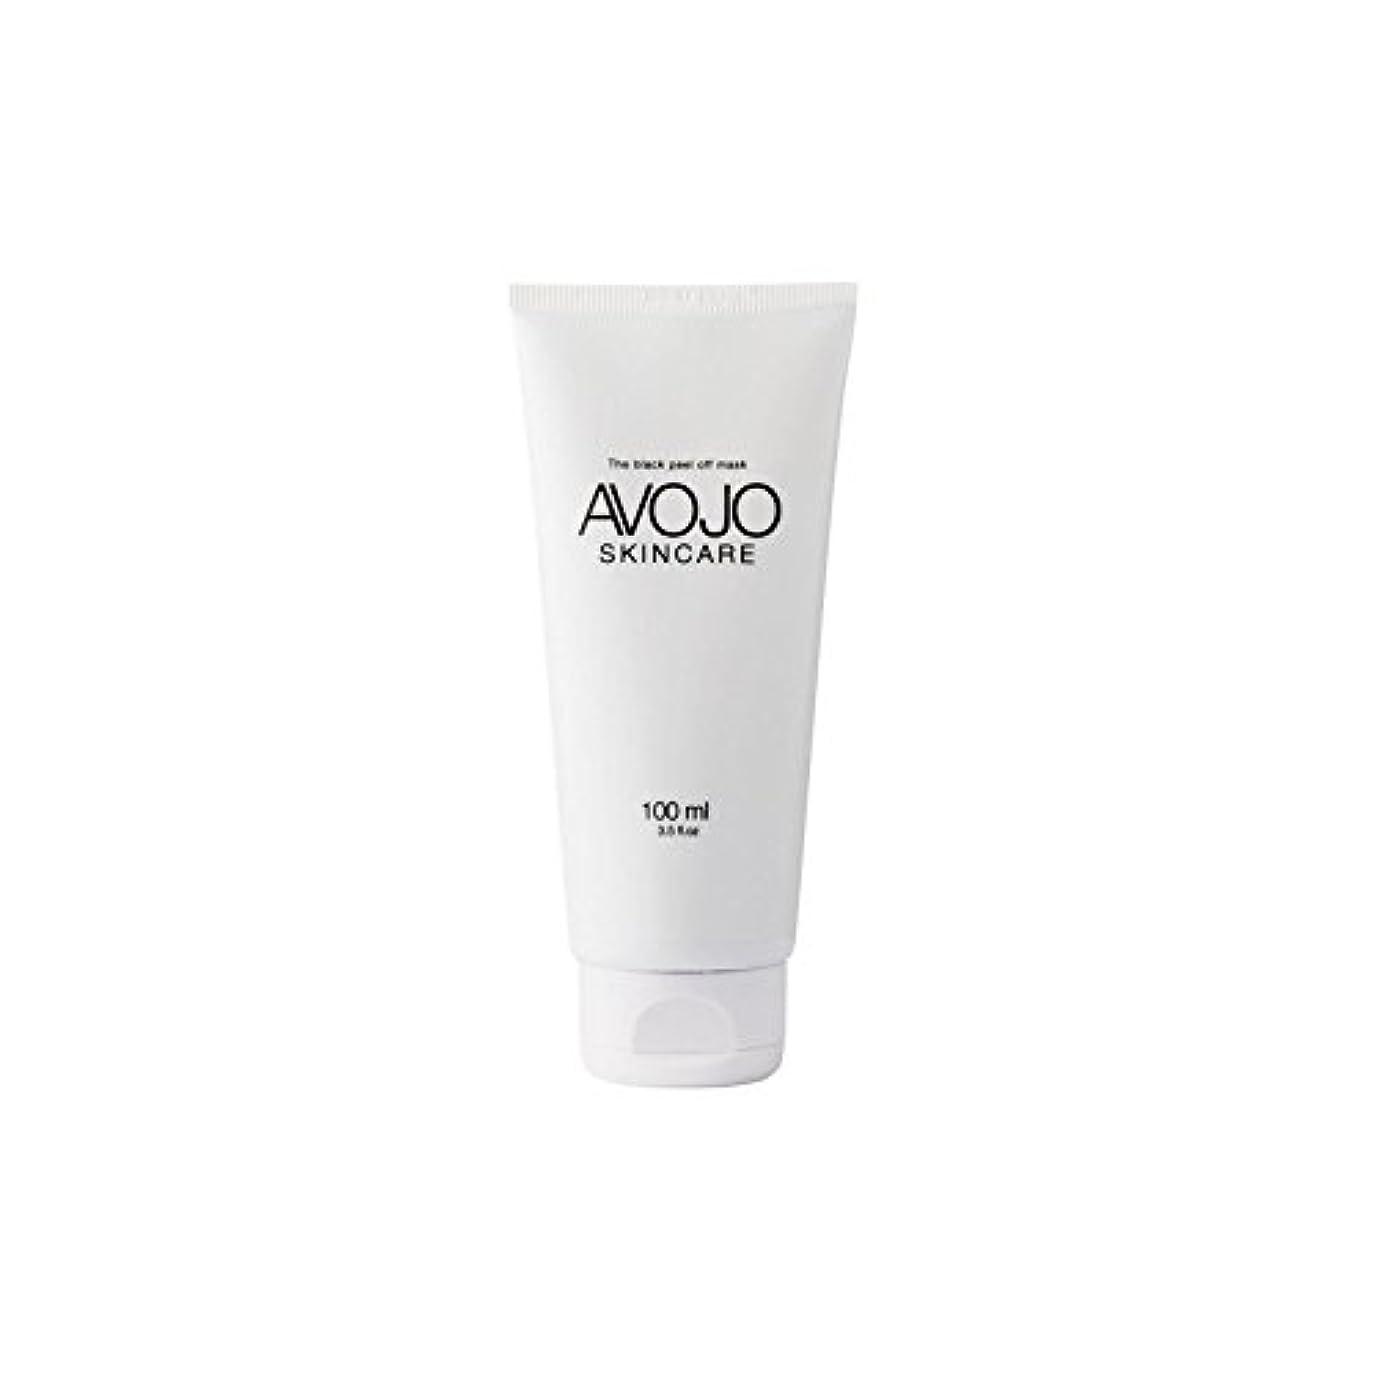 ラップトップ迷惑カメラ- 黒皮オフマスク - (ボトル100ミリリットル) x4 - Avojo - The Black Peel Off Mask - (Bottle 100ml) (Pack of 4) [並行輸入品]